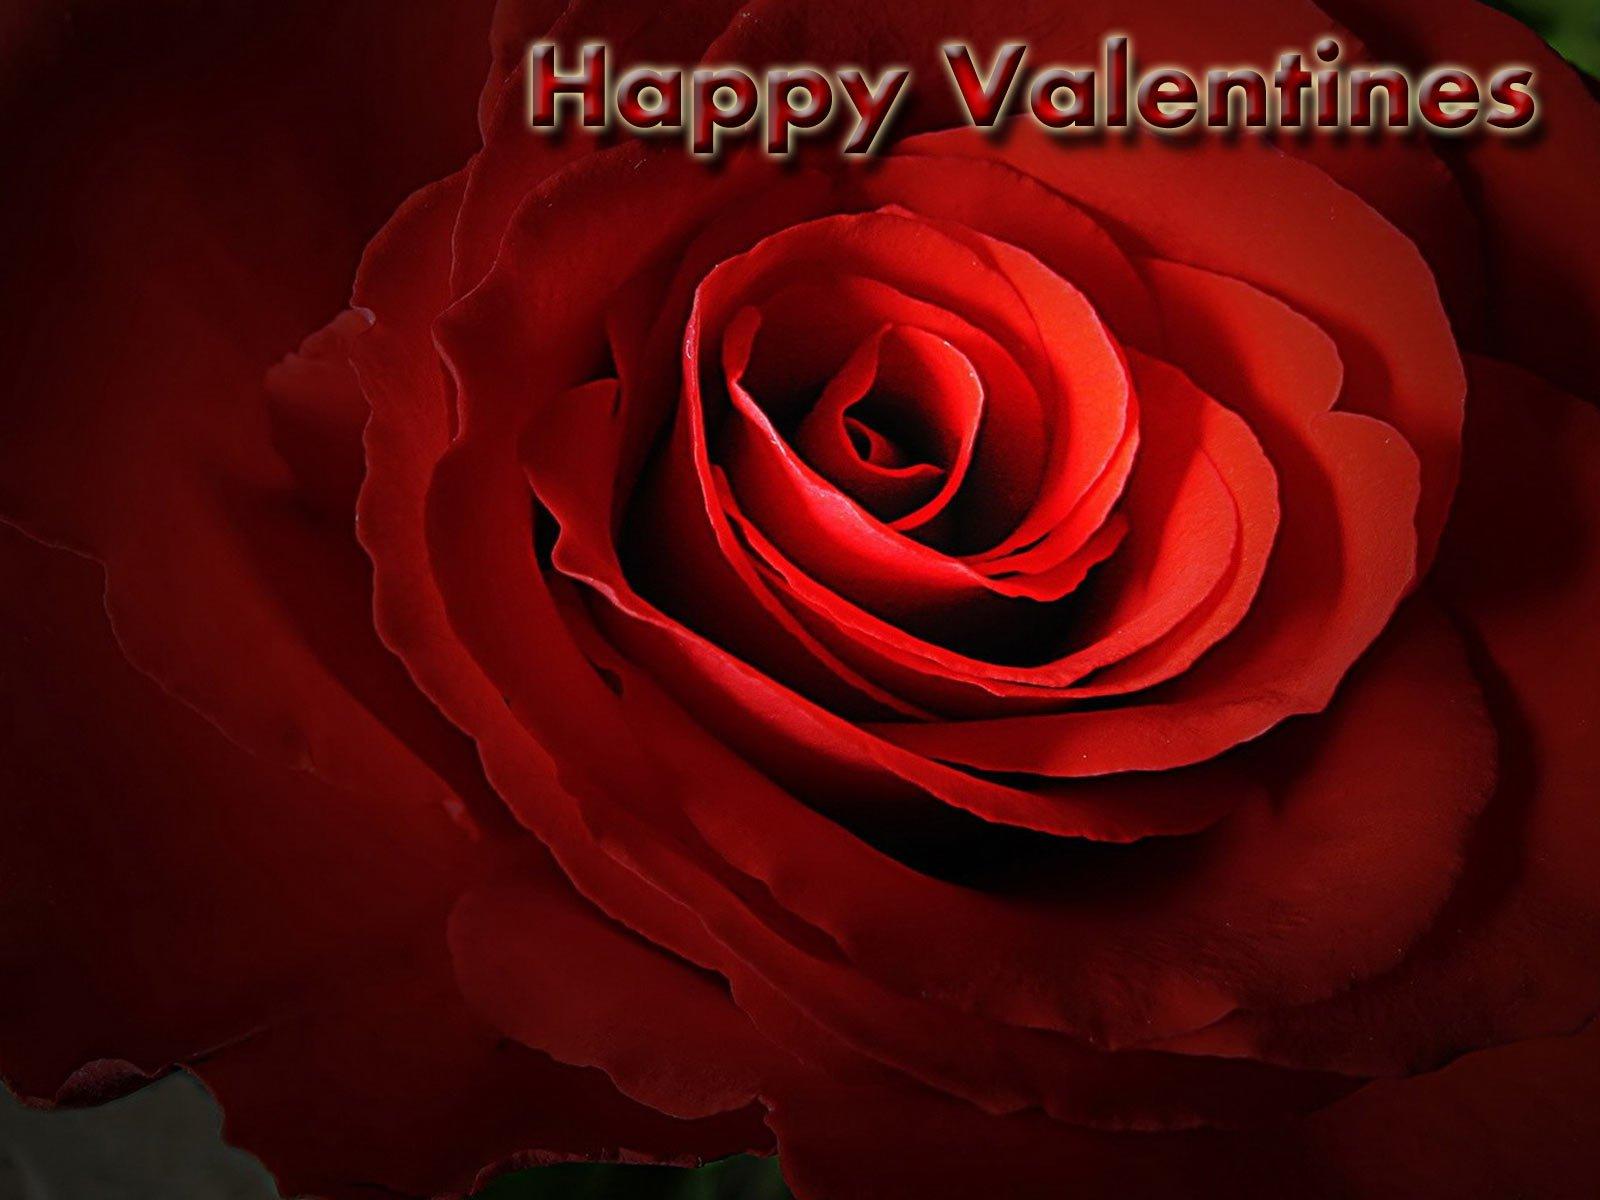 valentine wallpaper desktop valentines wallpaper backgrounds valentine 1600x1200